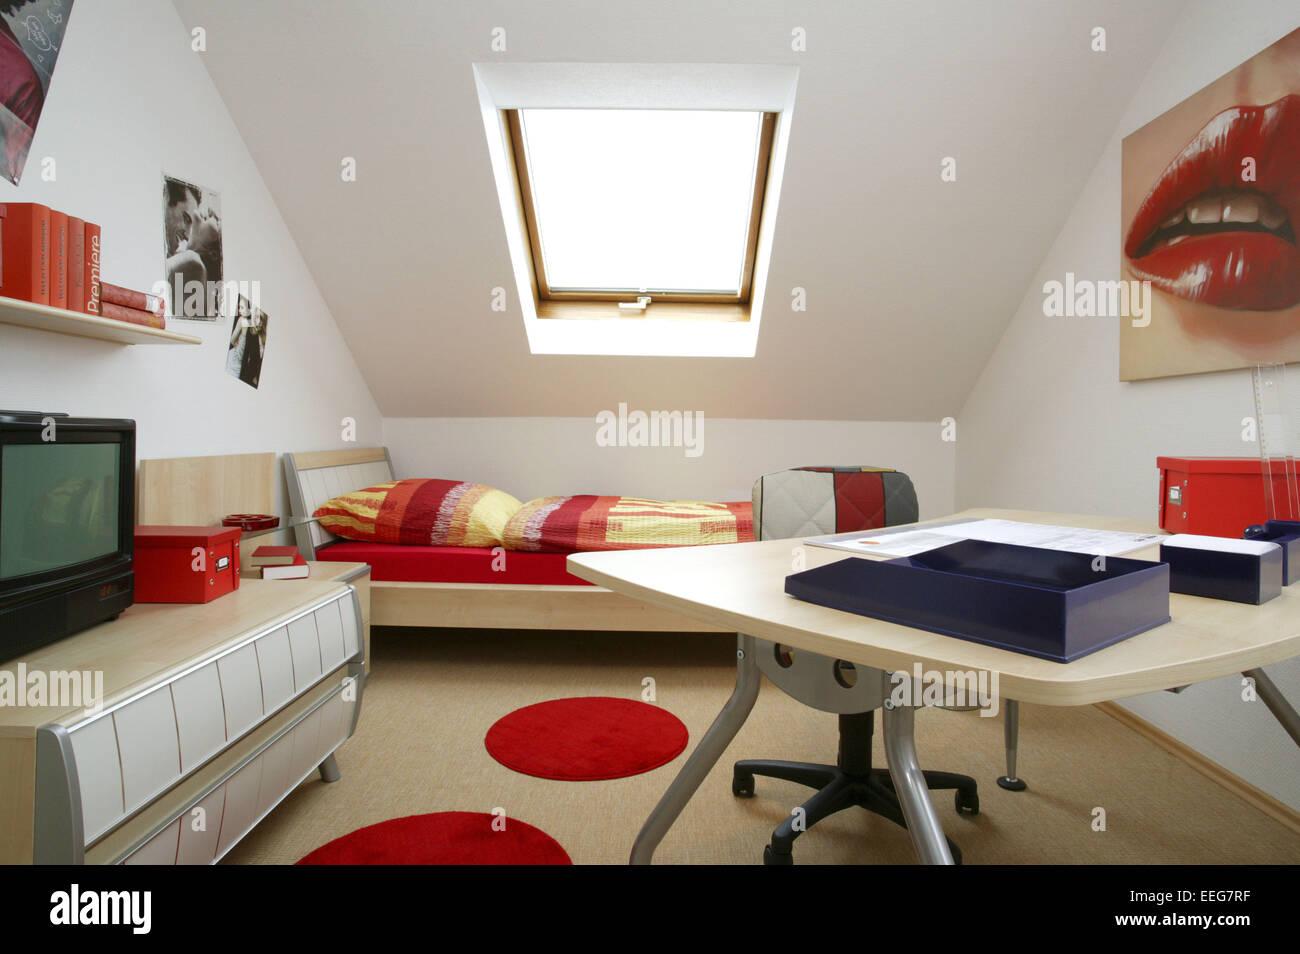 Kinderzimmer jugendzimmer wohnen innenaufnahme inneneinrichtung wohnung wohnraum einrichtung moebel mobiliar modern interieur st